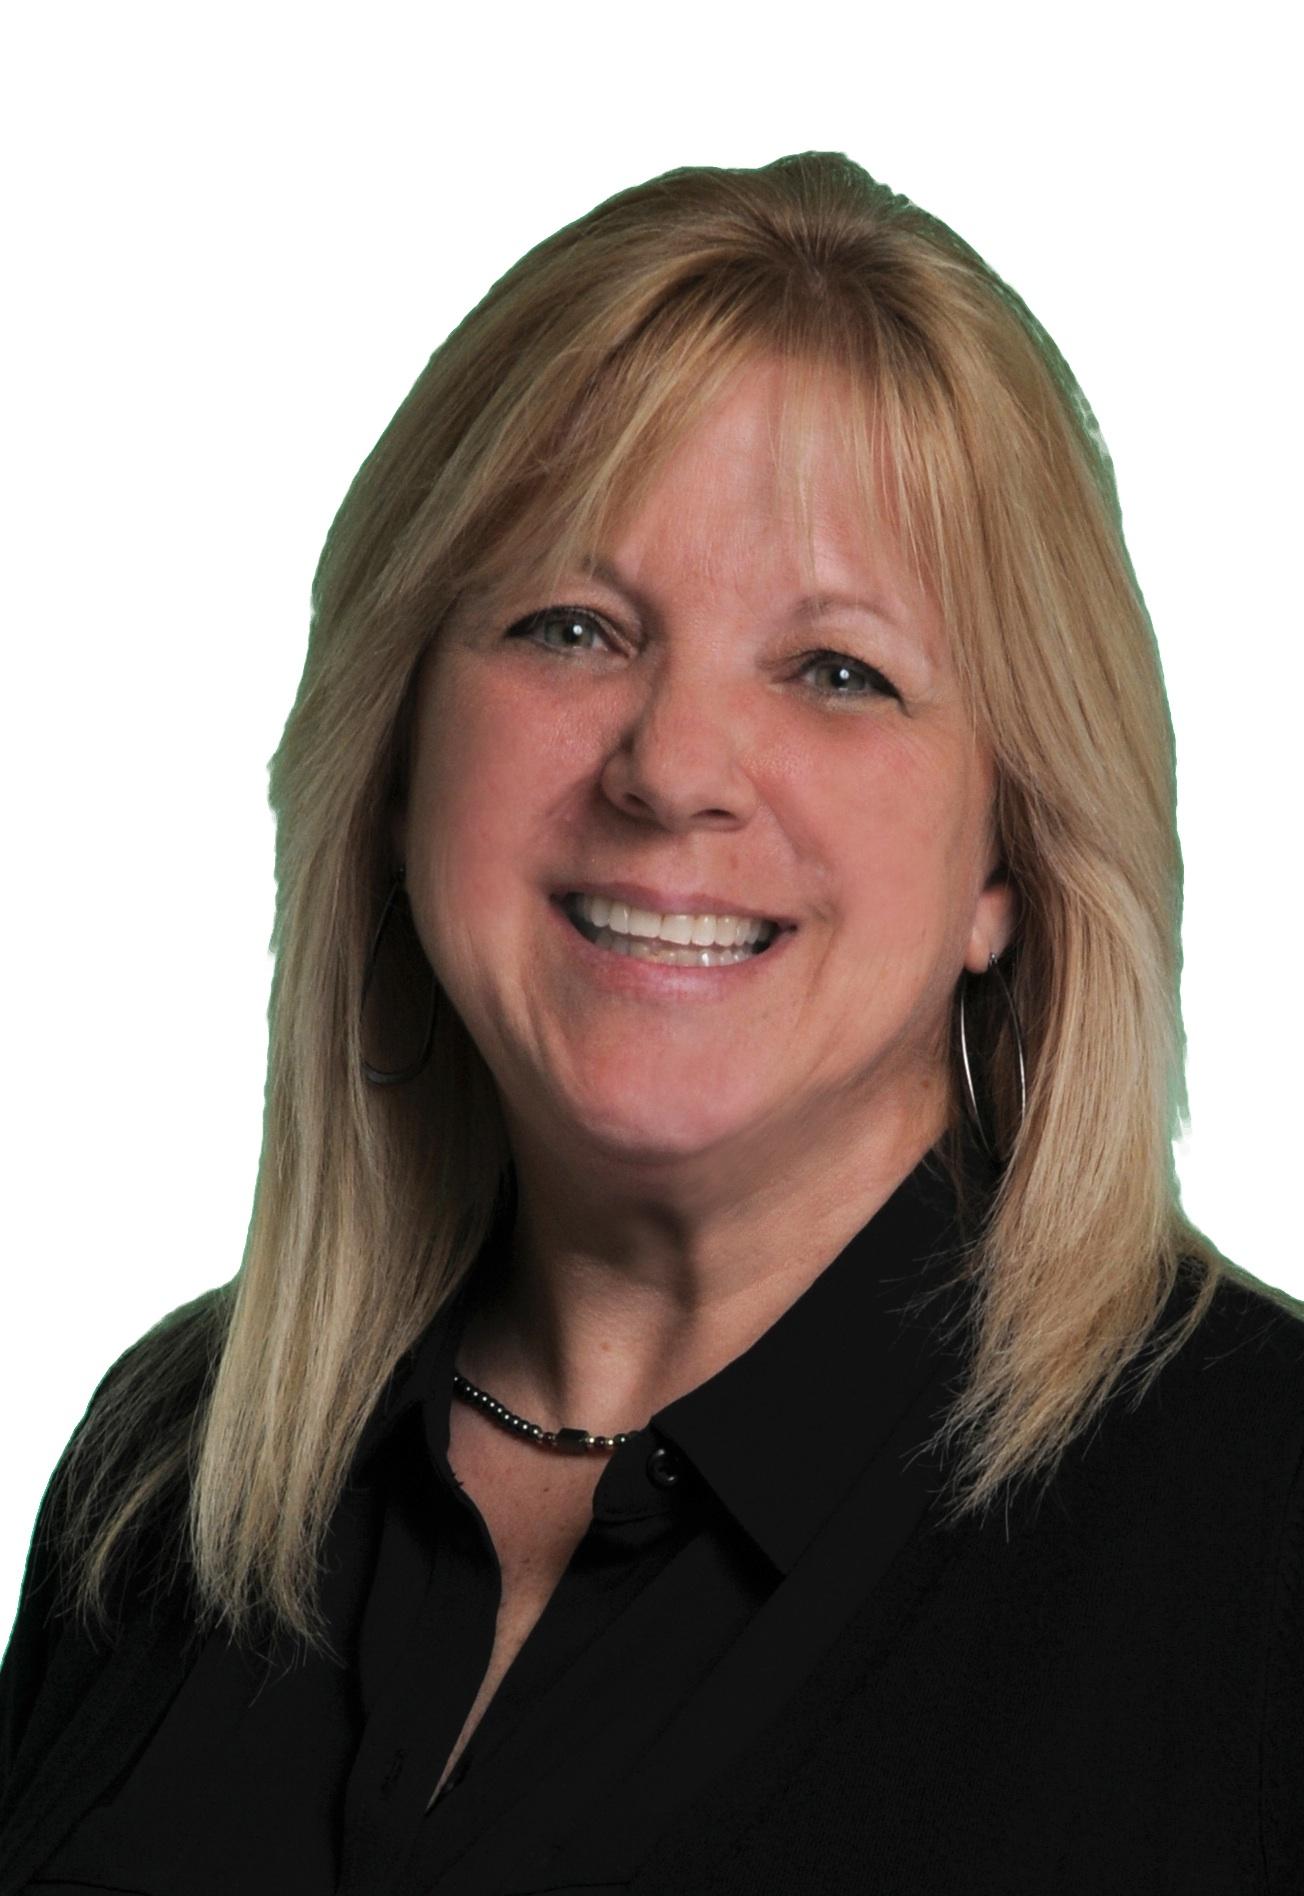 Laura McNair